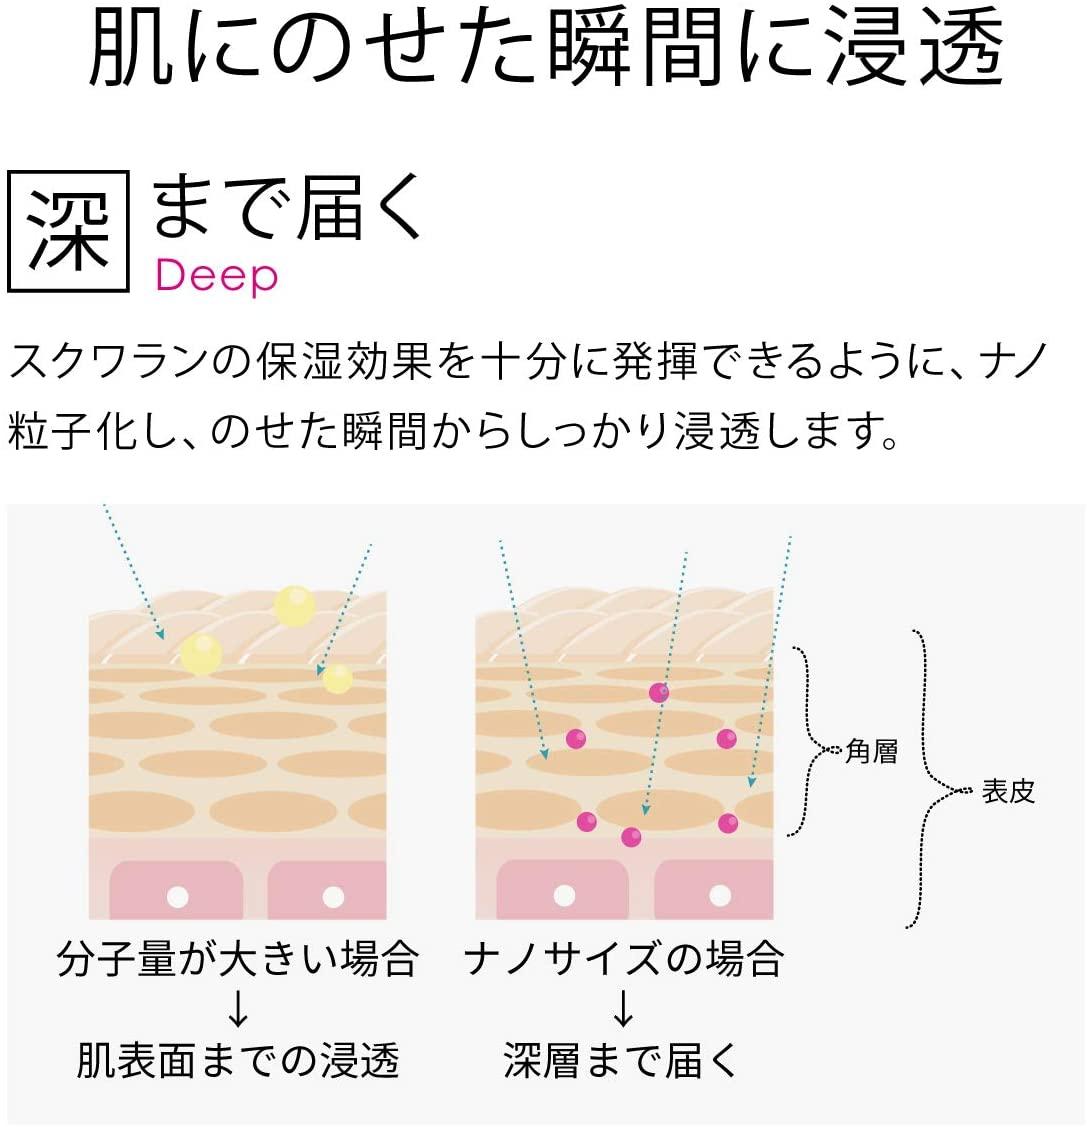 YvesDuffrane(イヴデュフラン) ビタミンC誘導体 ナノ化粧水の商品画像4